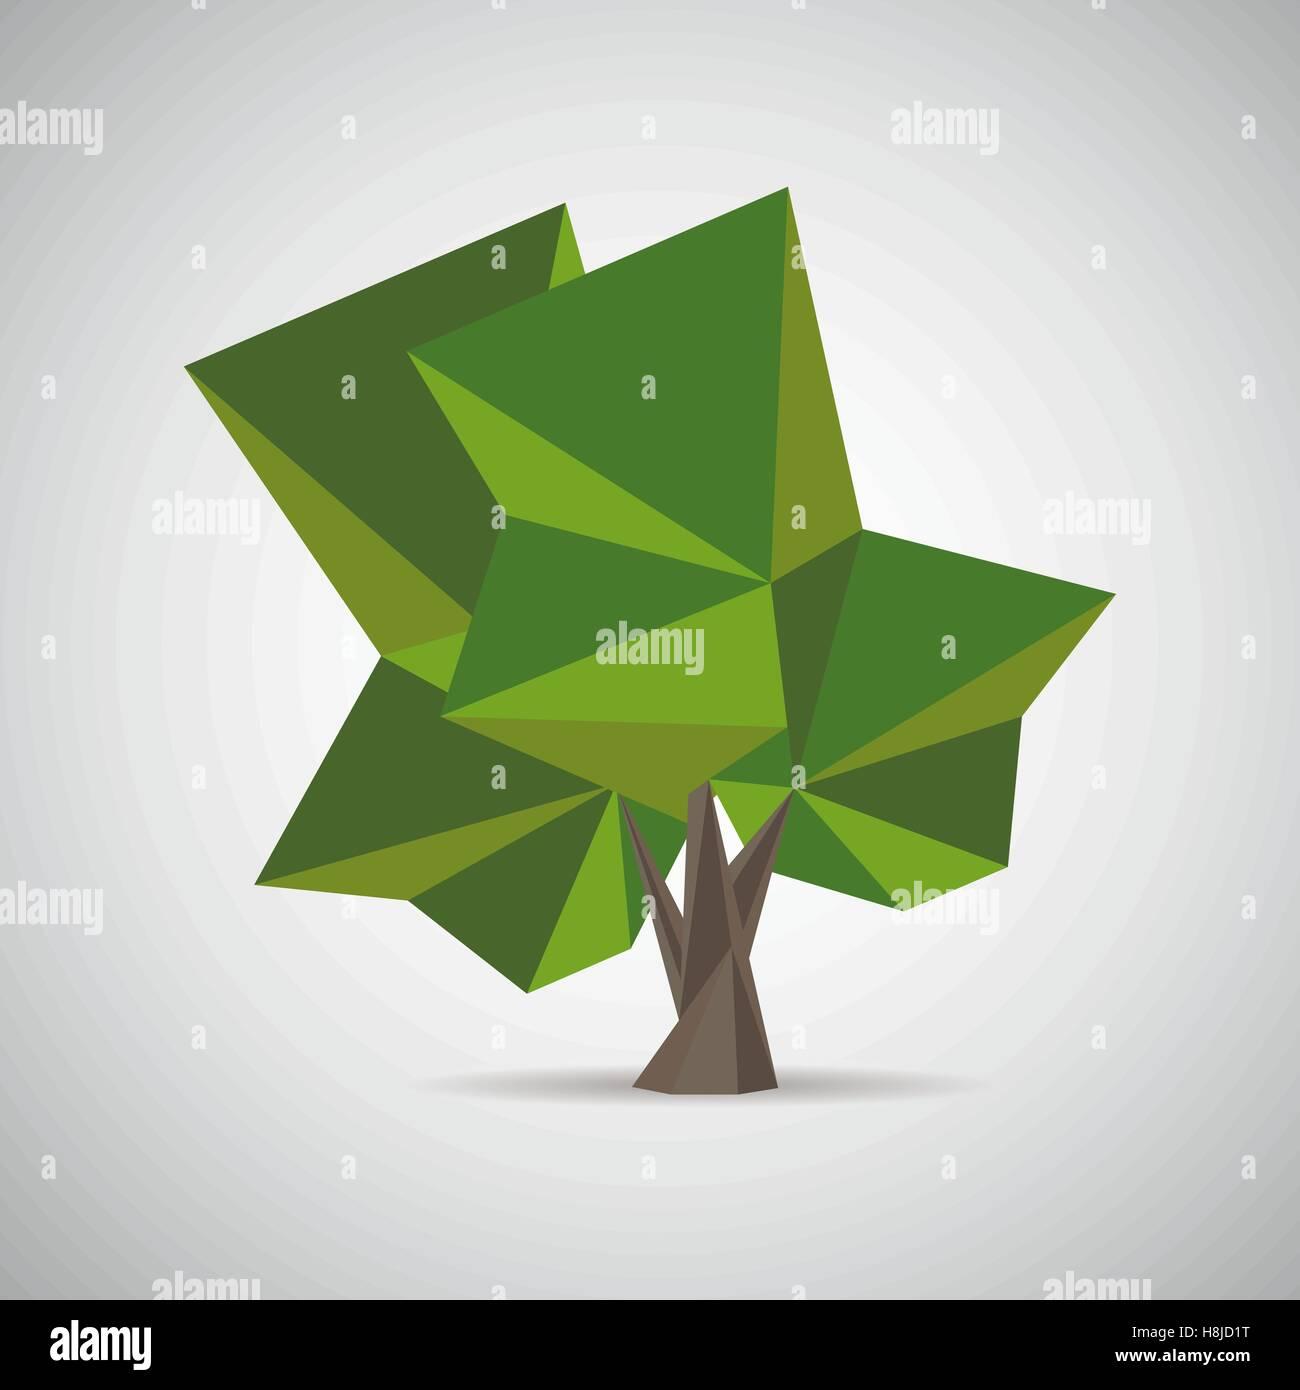 Arbre Polygonal Poly Bas Style La Conception De Llment Bannire Affiche Carte Visite Flyer Brochure Couverture Icne Logo Design